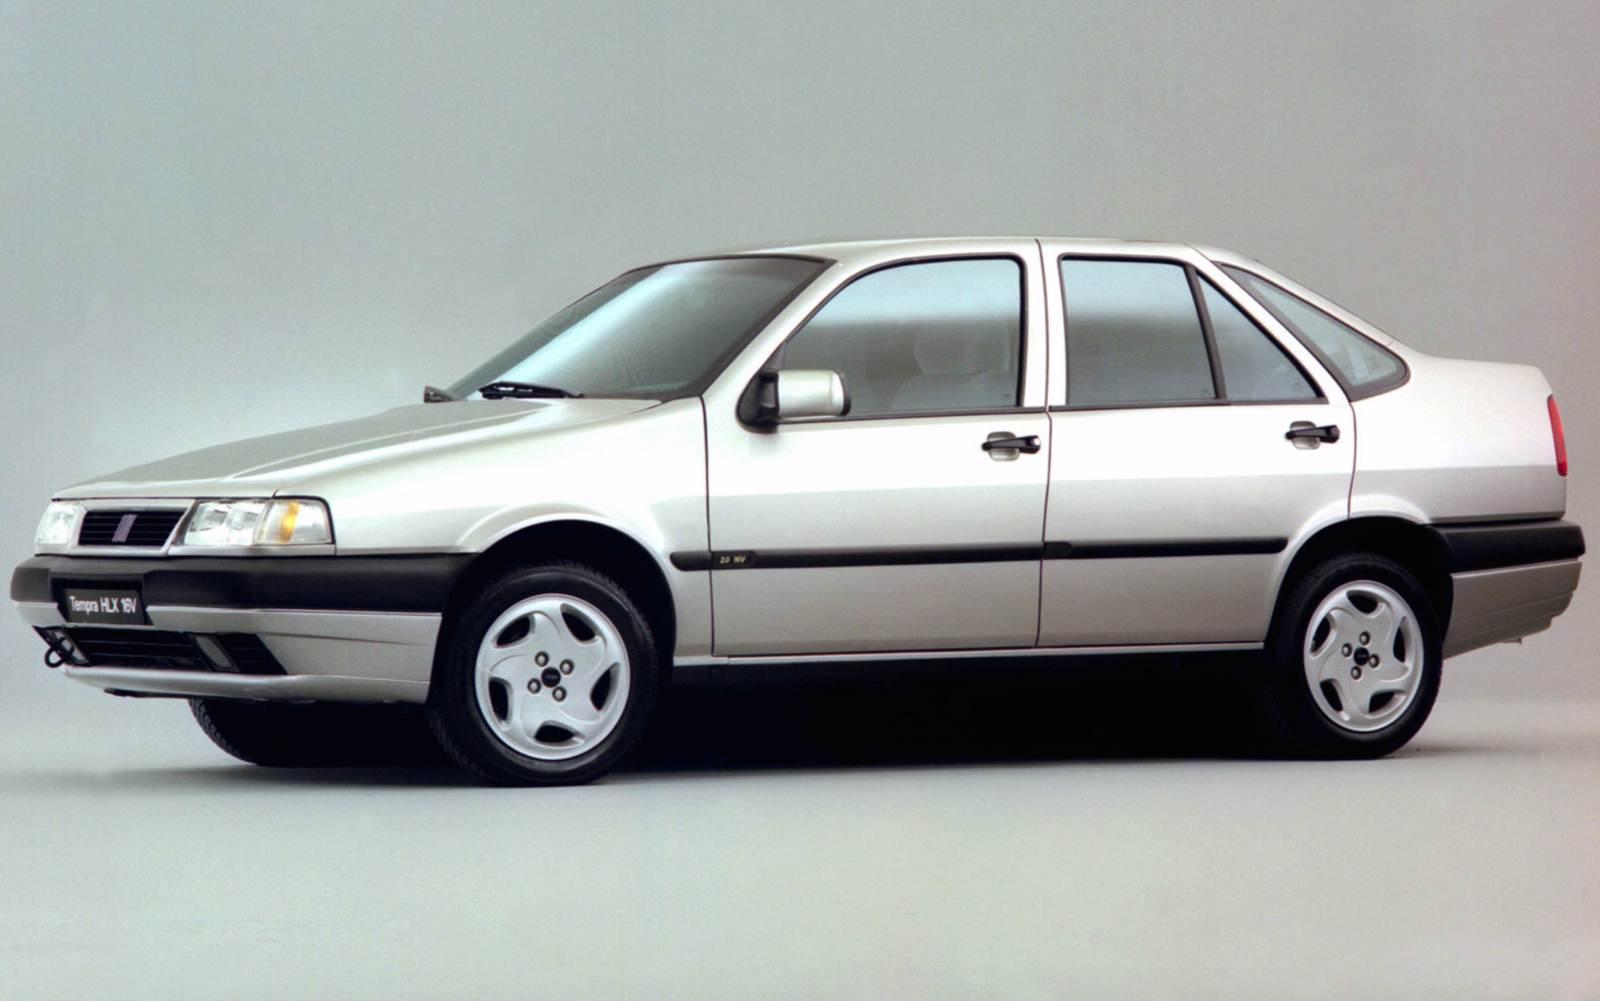 Motor Tempra Tudo 1991 Fiat - 8V